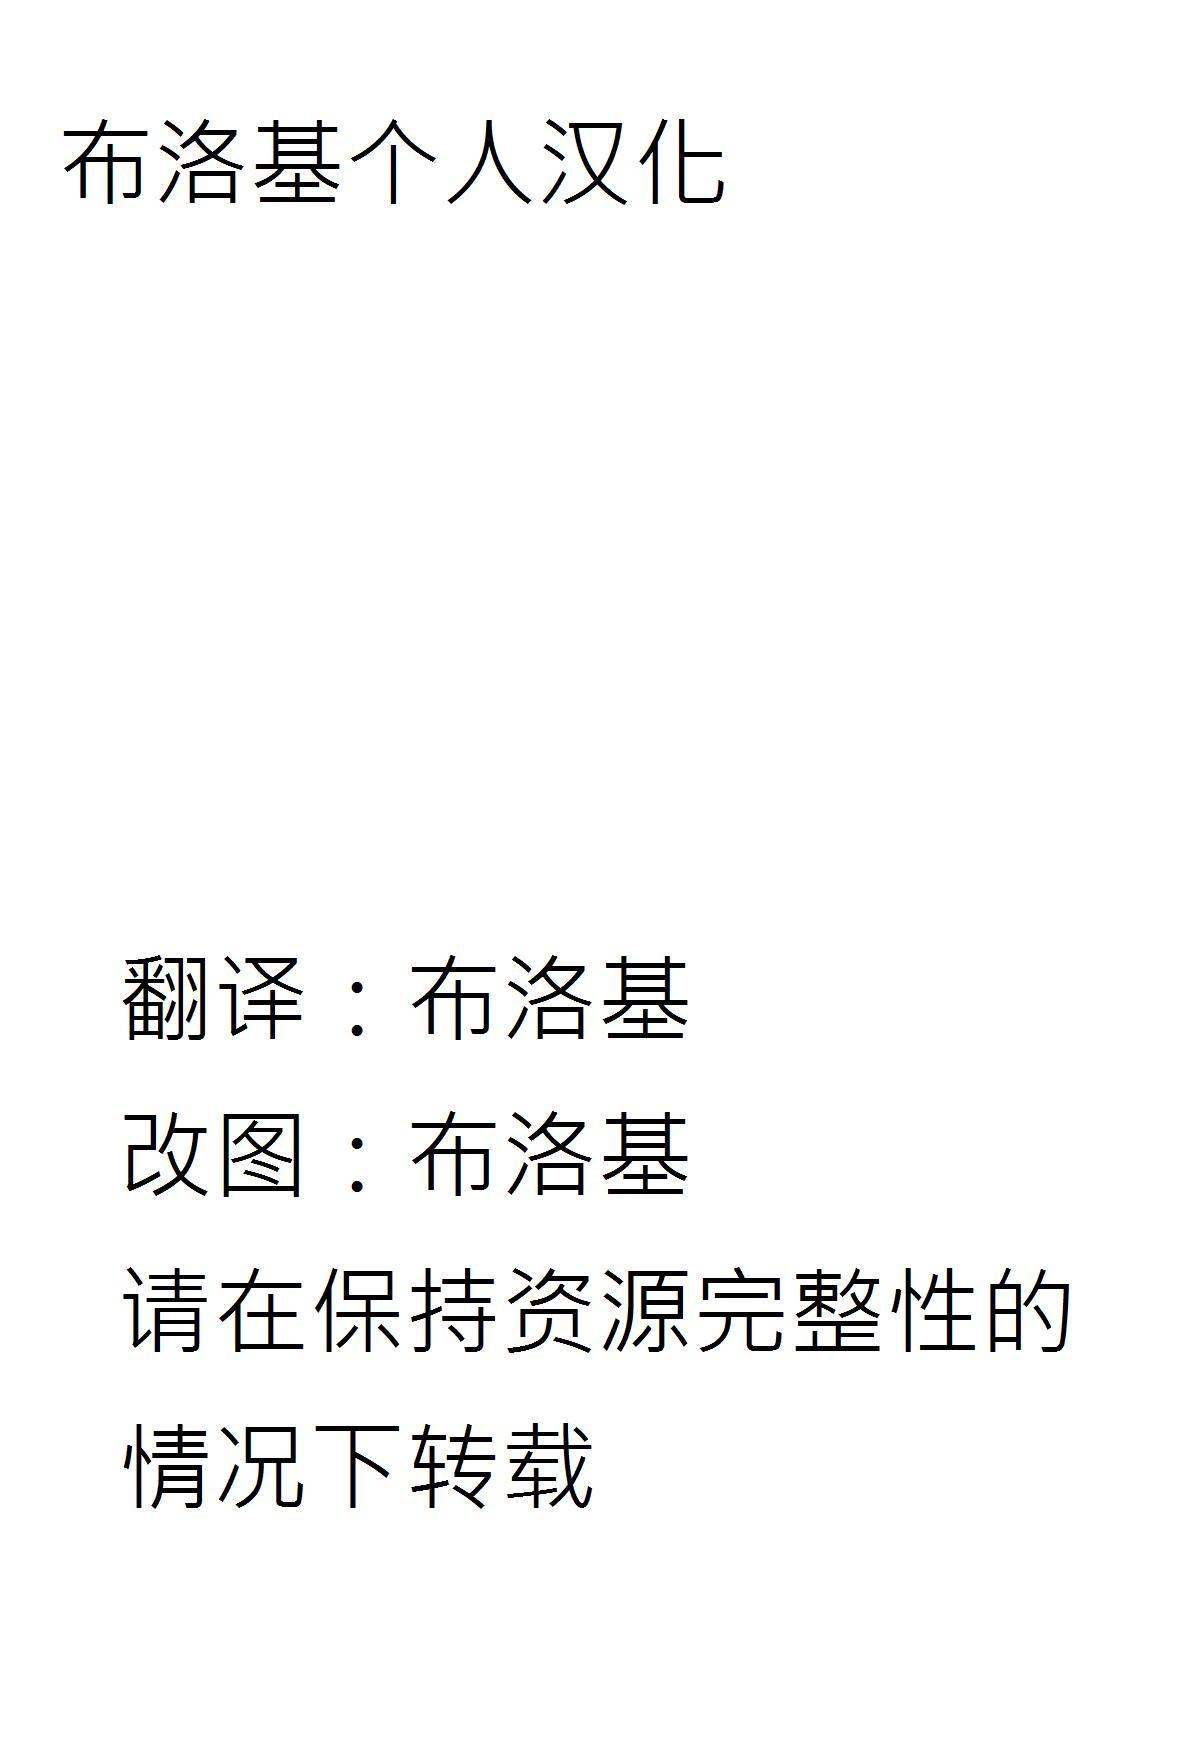 (Kouroumu 9) [02 (Harasaki)] (Kojin Satsuei)(Touhou)(Kouroumu 9)[02] Touhou snuff vol.3 Kawashiro Nitori (Mushuusei) (Loli-kei Youjo no Kirei na Hadaka wo Suki Houdai shichai mashita!).avi (Touhou Project) [Chinese] [布洛基个人汉化] 1